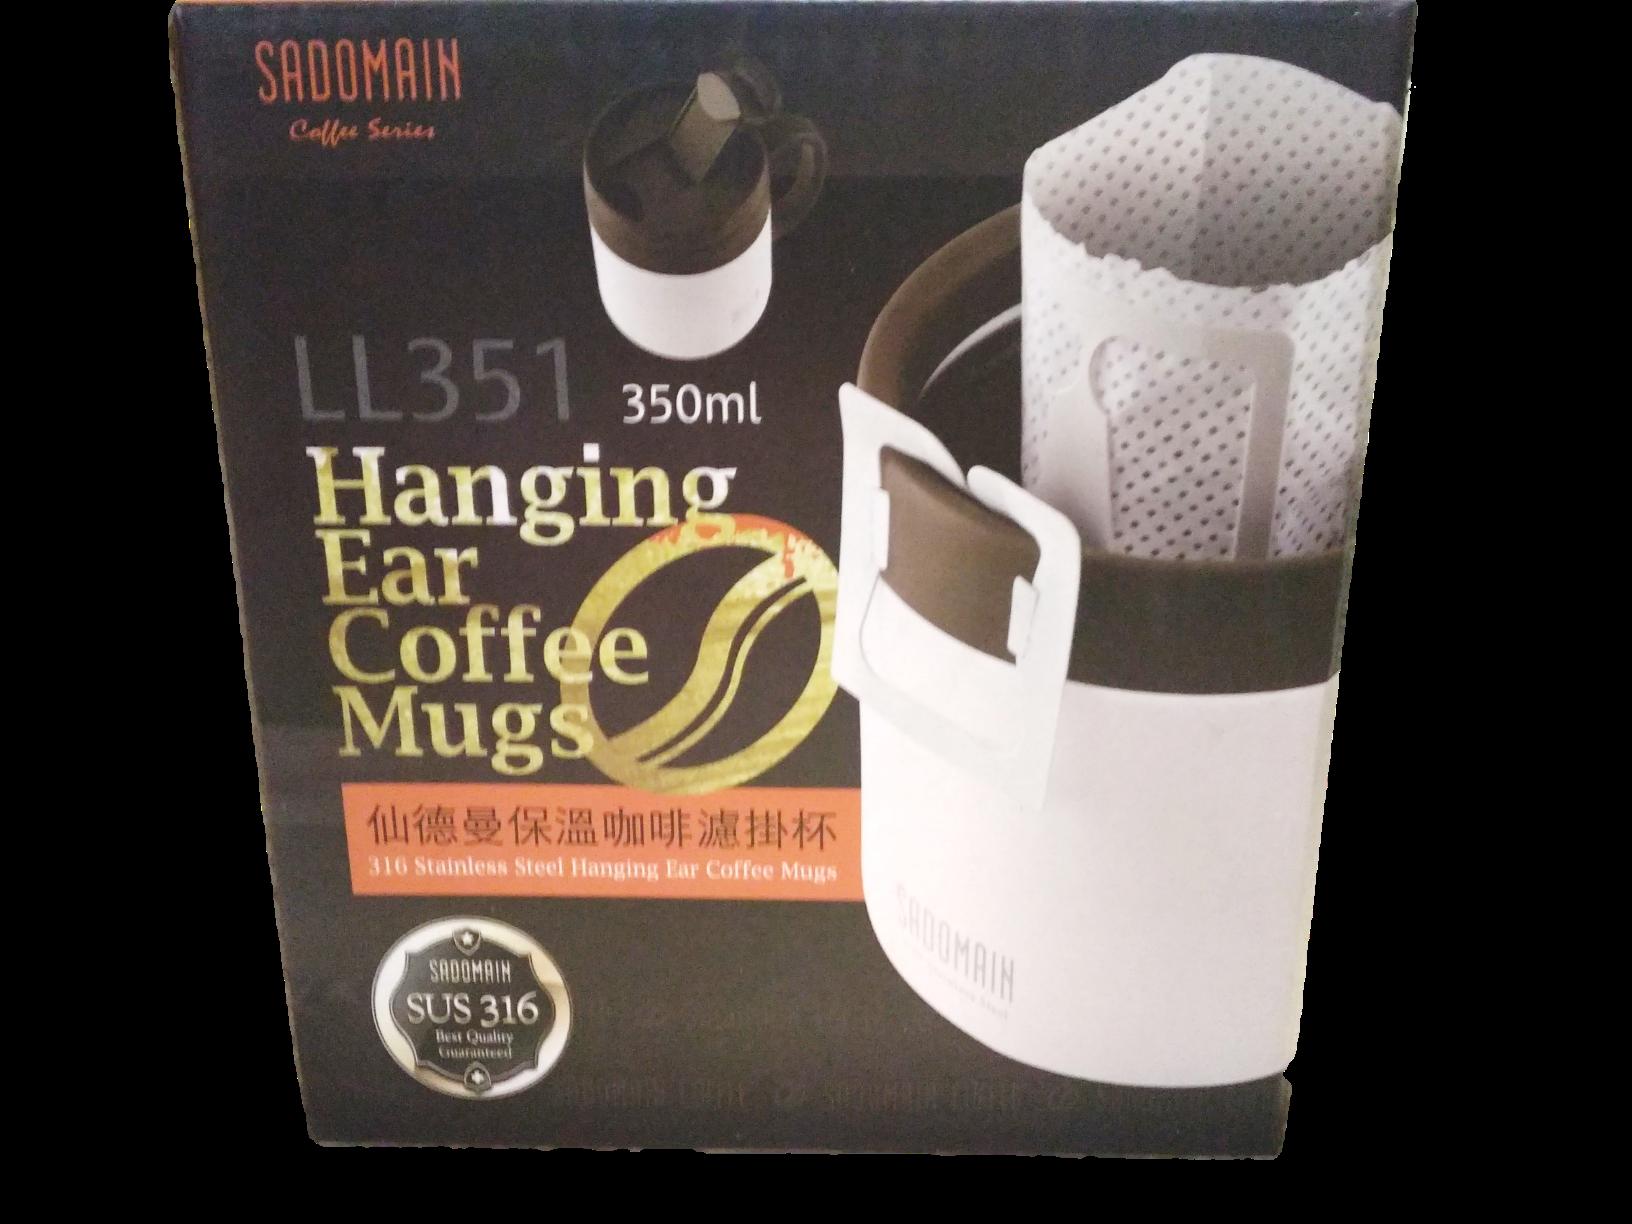 SADOMAIN 仙德曼咖啡保溫濾掛杯 #二尺寸、還有二色可選擇喔~ 保溫杯 / 咖啡杯 / 濾掛杯 9